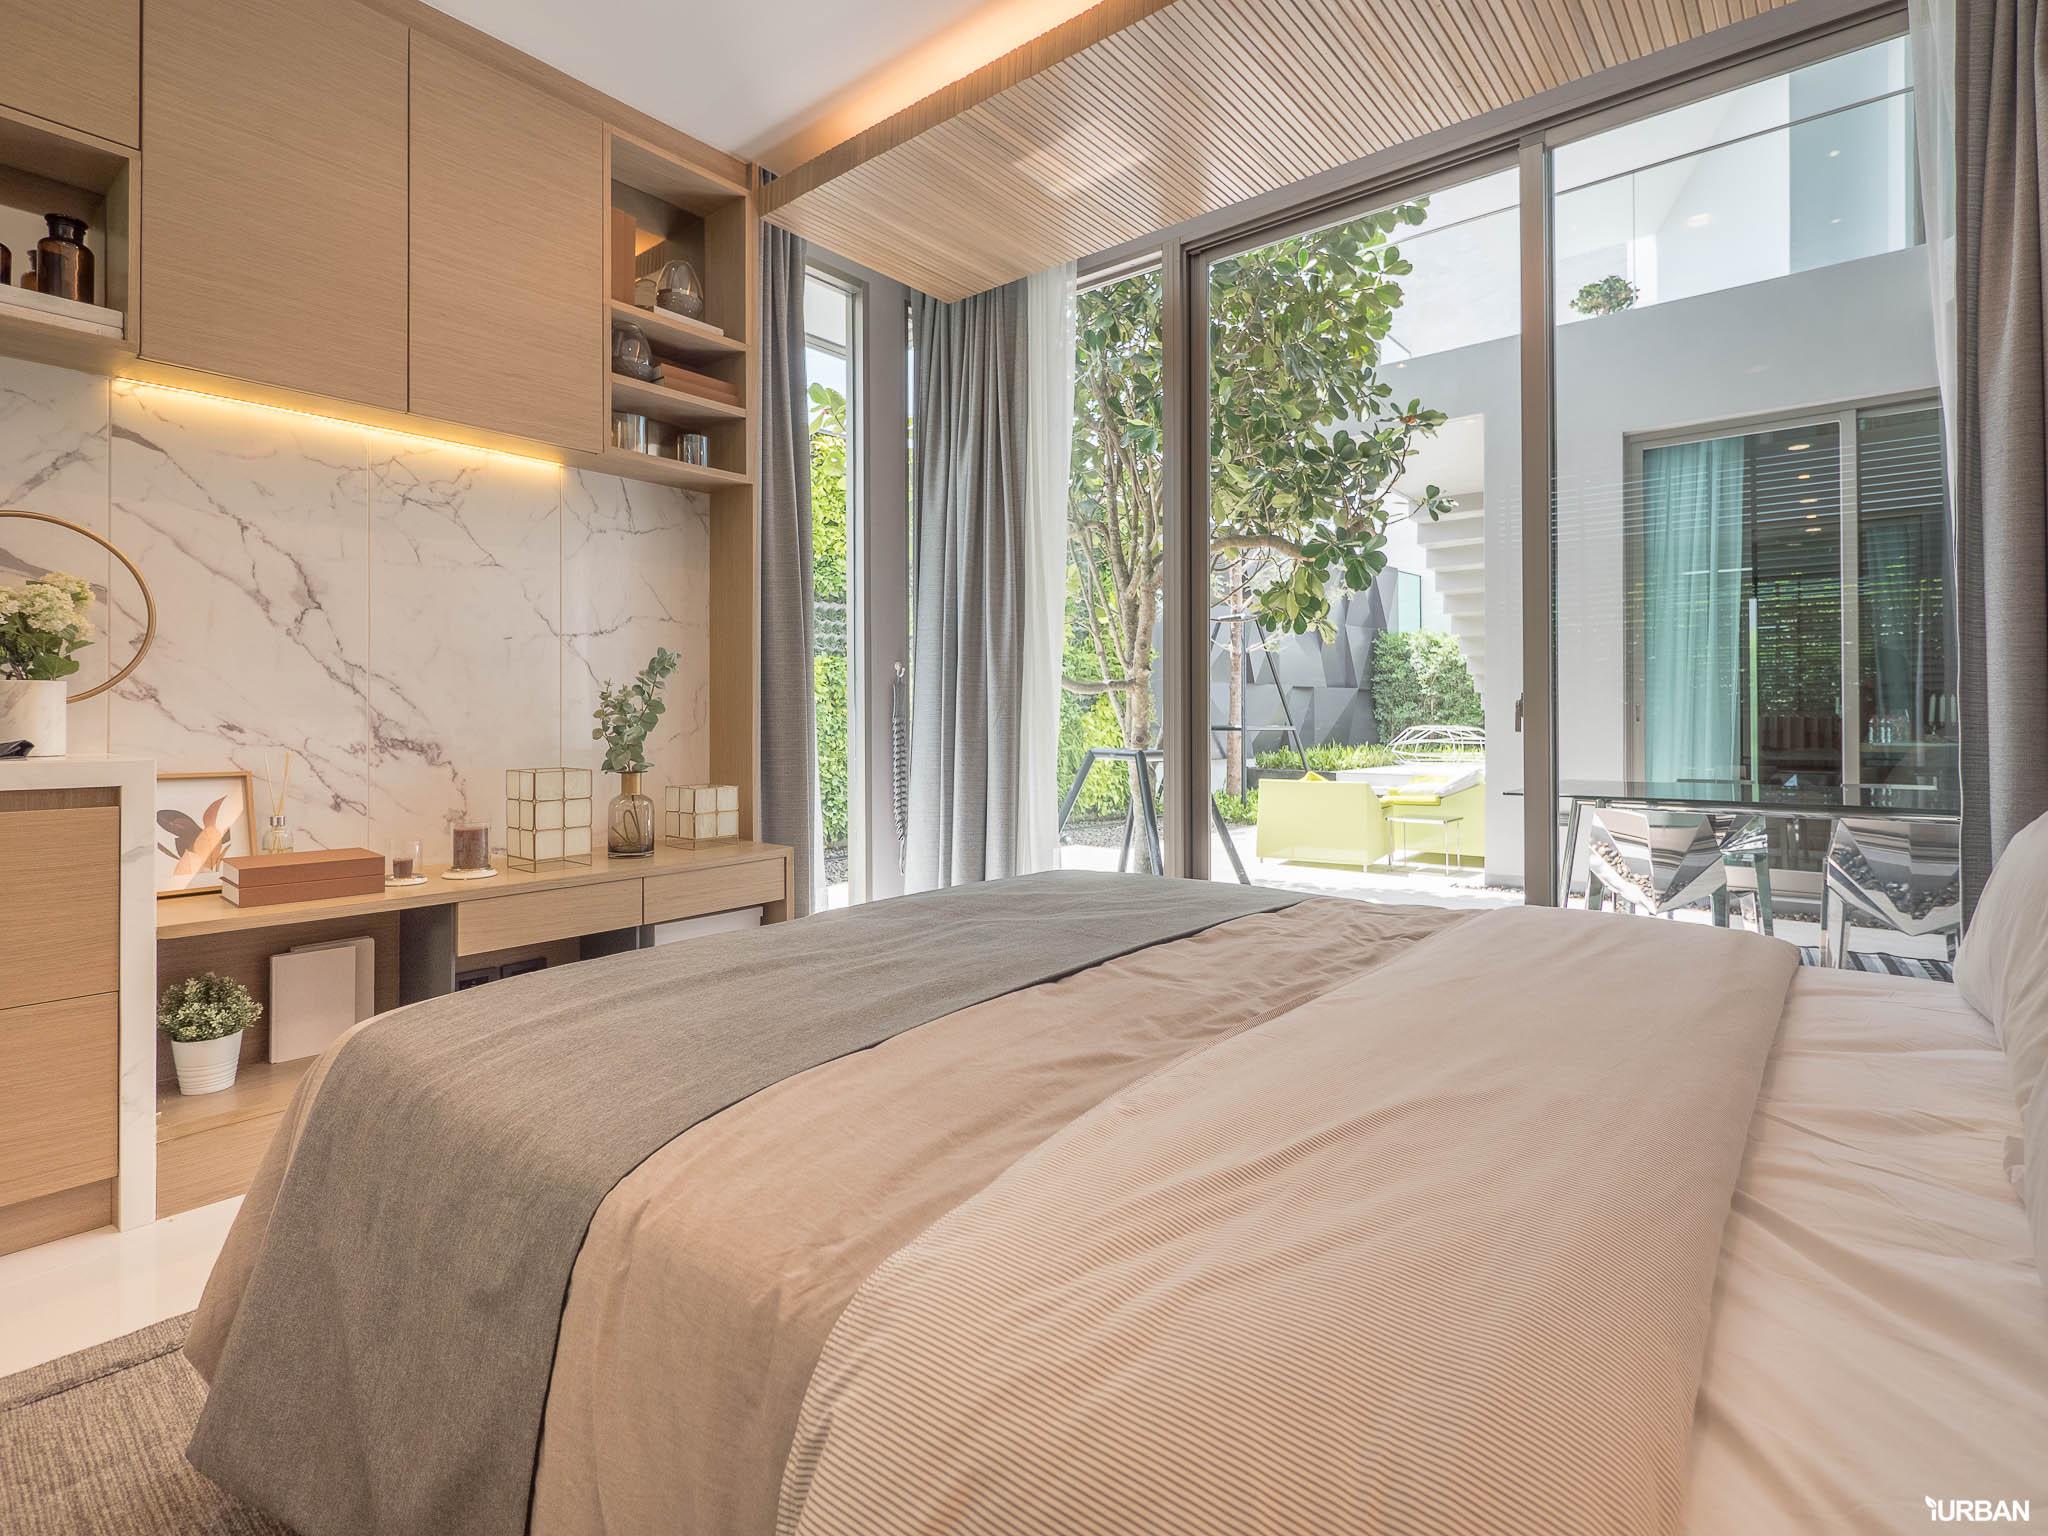 รีวิว Nirvana BEYOND Udonthani บ้านเดี่ยว 3 ชั้น ดีไซน์บิดสุดโมเดิร์น บนที่ดินสุดท้ายหน้าหนองประจักษ์ 50 - Luxury